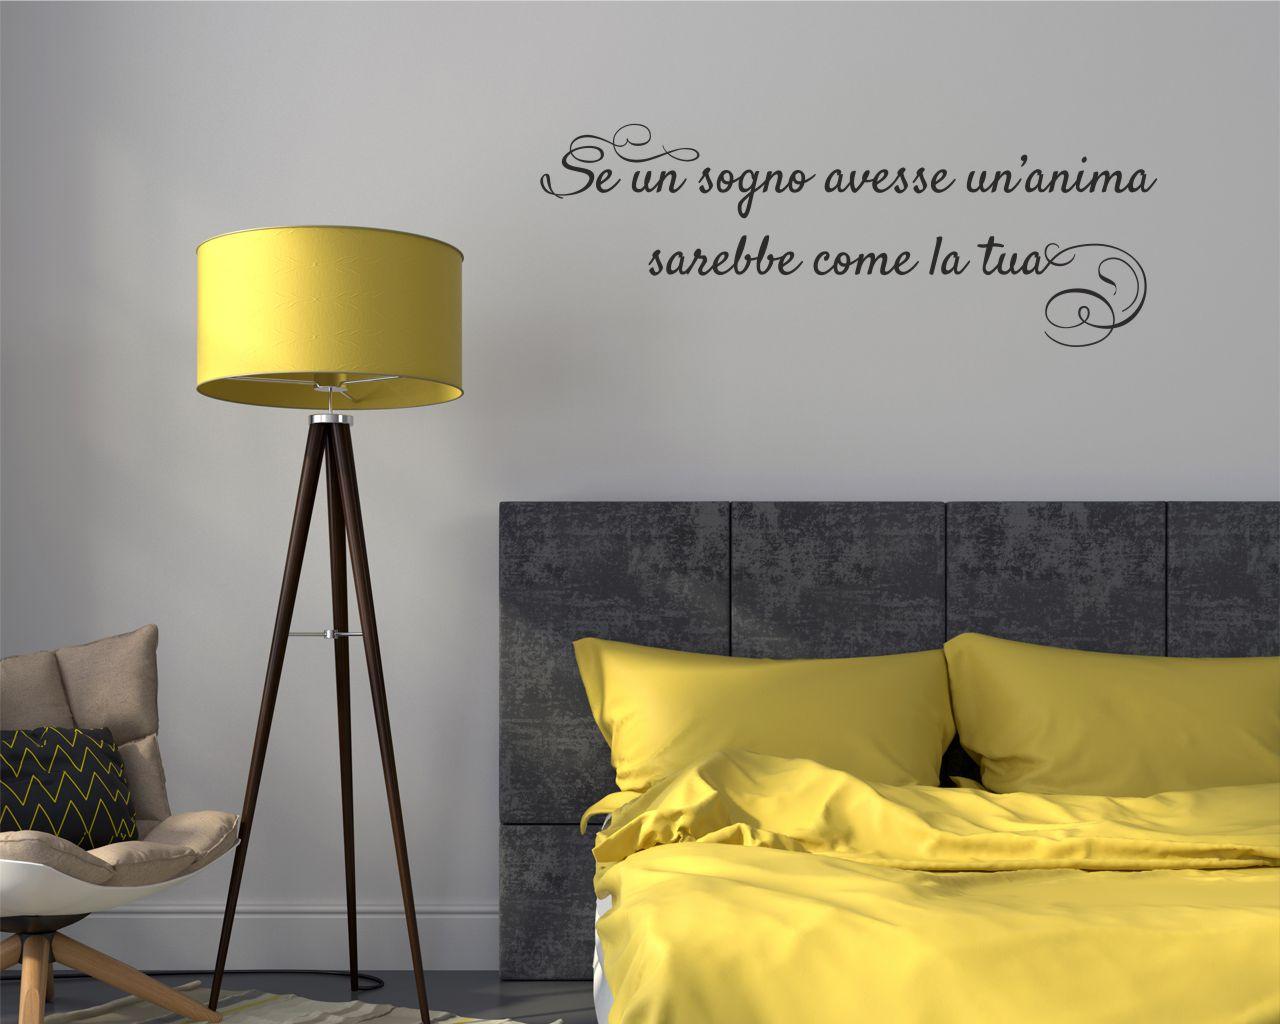 Adesivo murale-Massimo Bisottisogno e anima